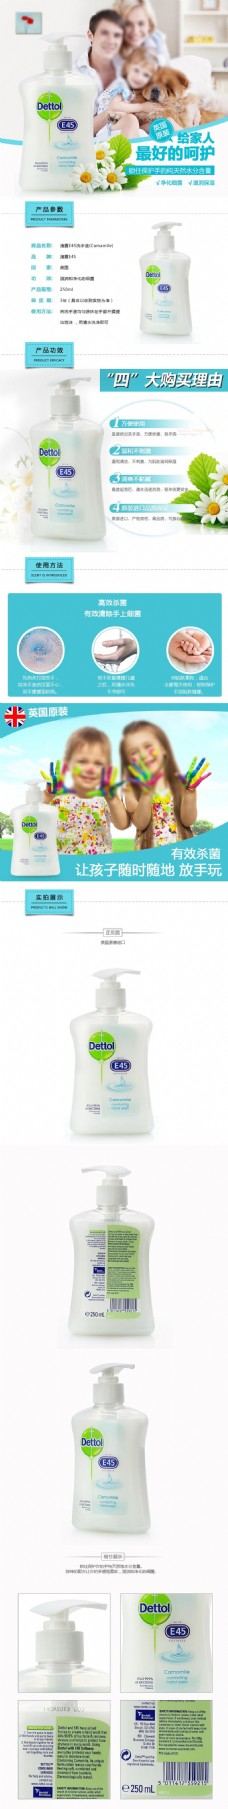 洗手液宝贝描述(无代码)图片